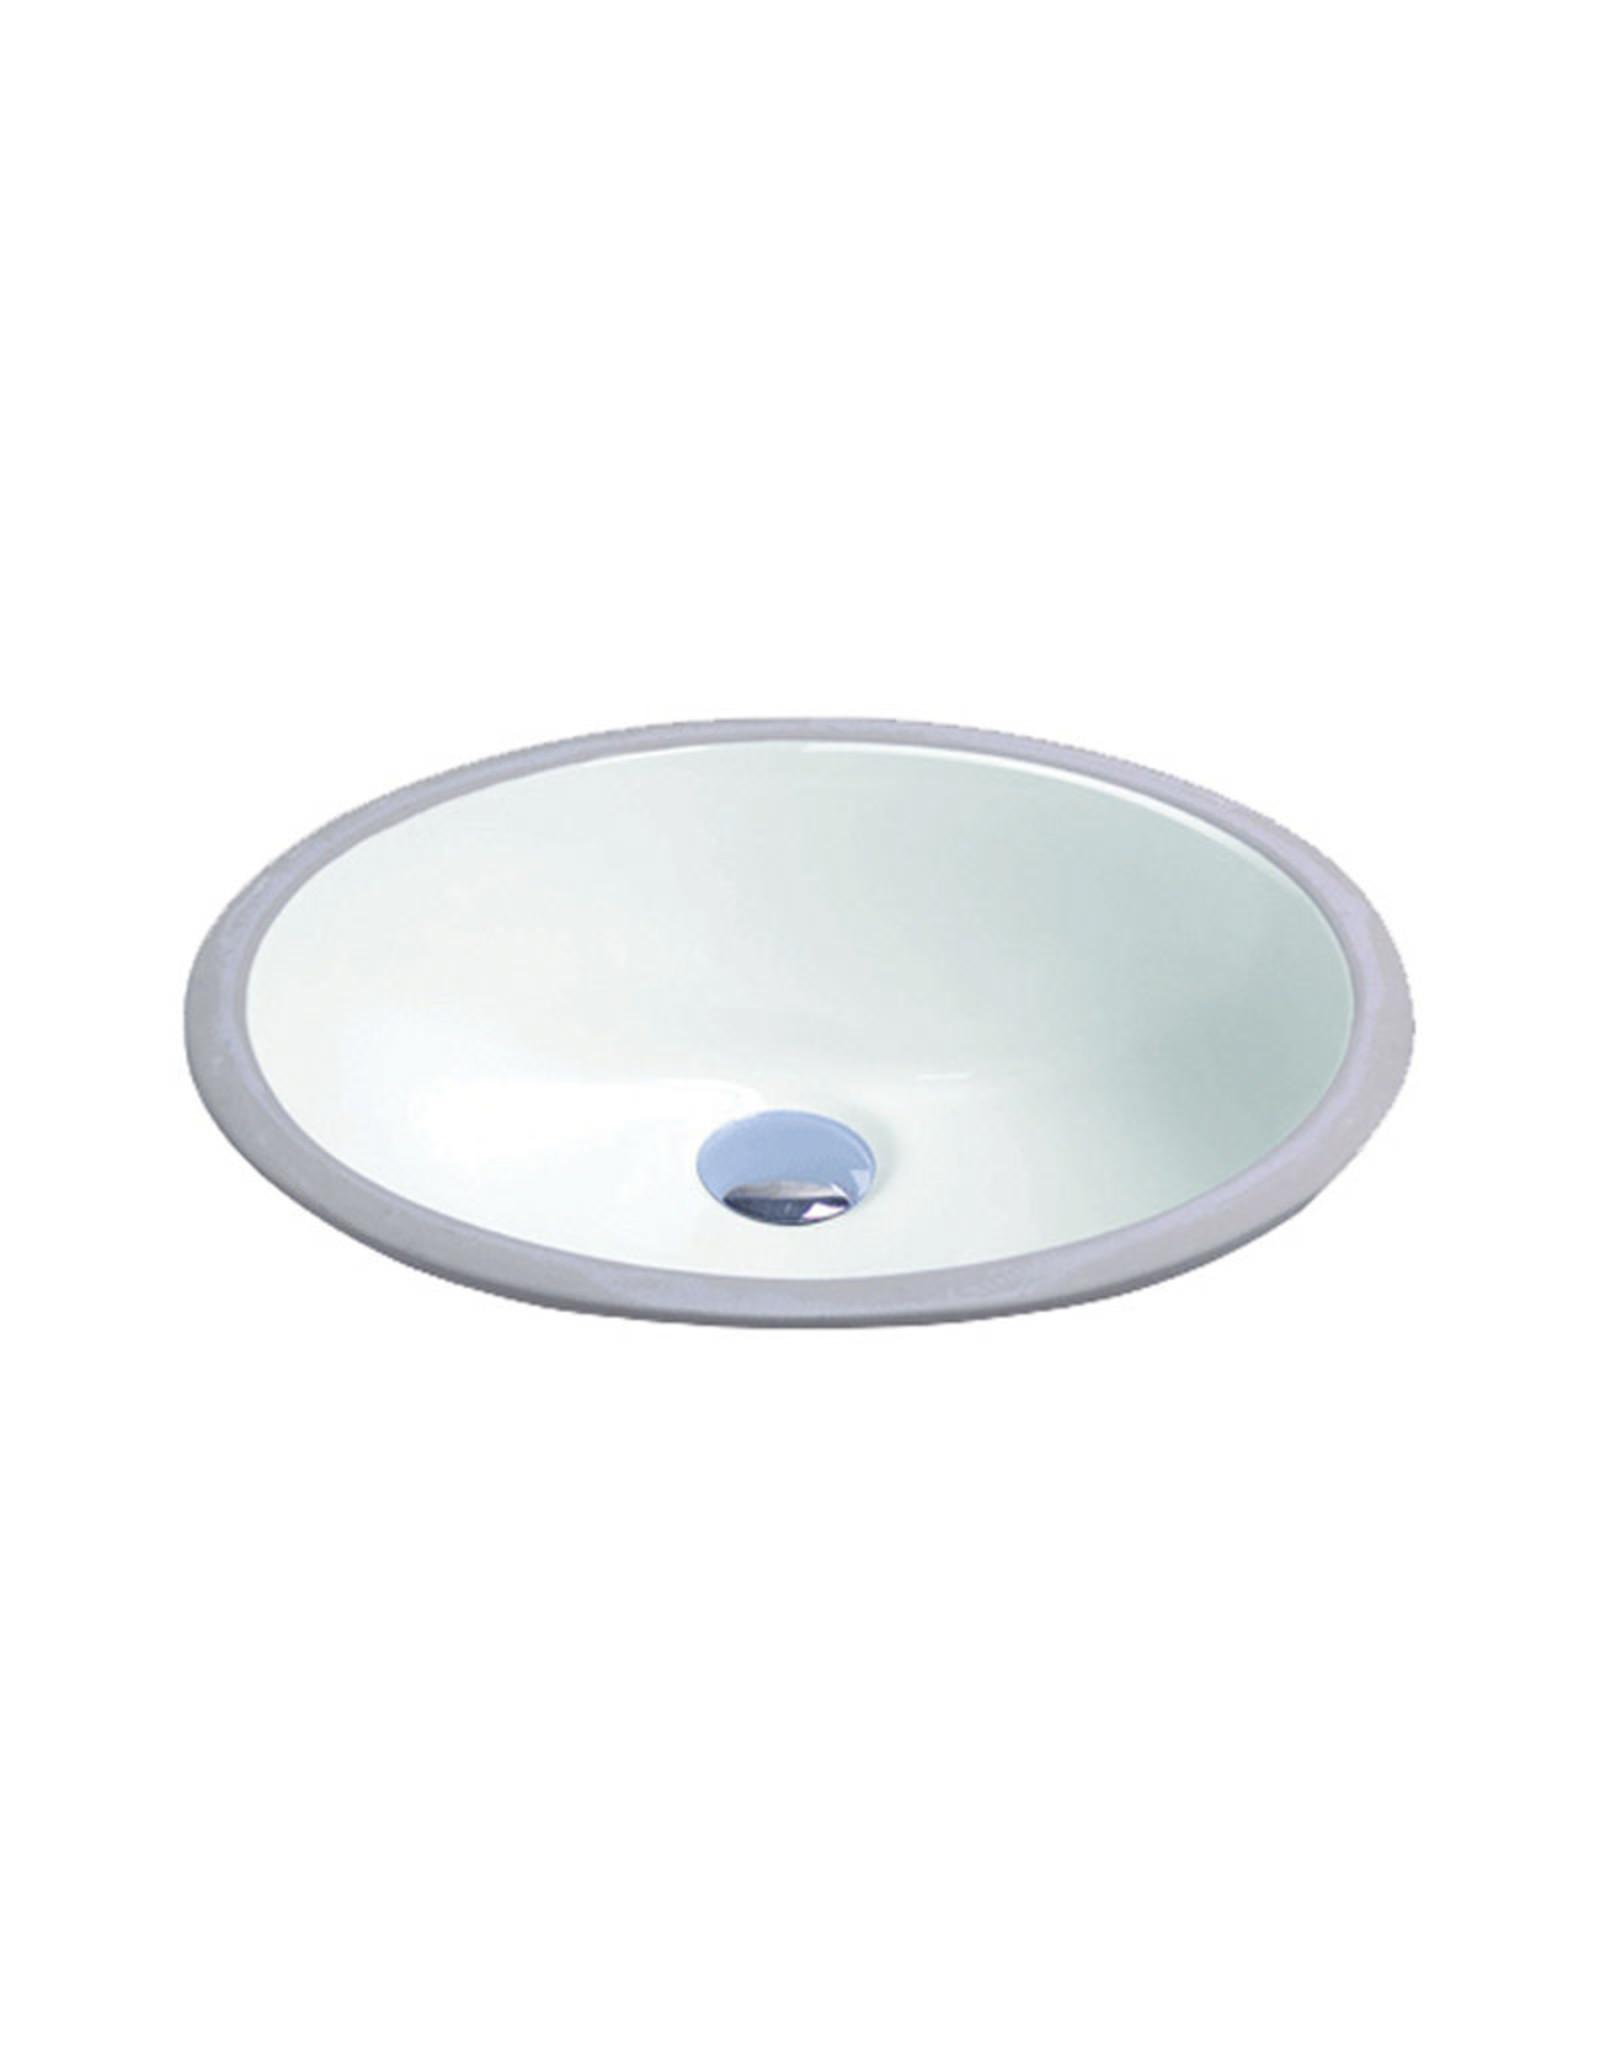 Vogt Glan Undermount White Lav Sink